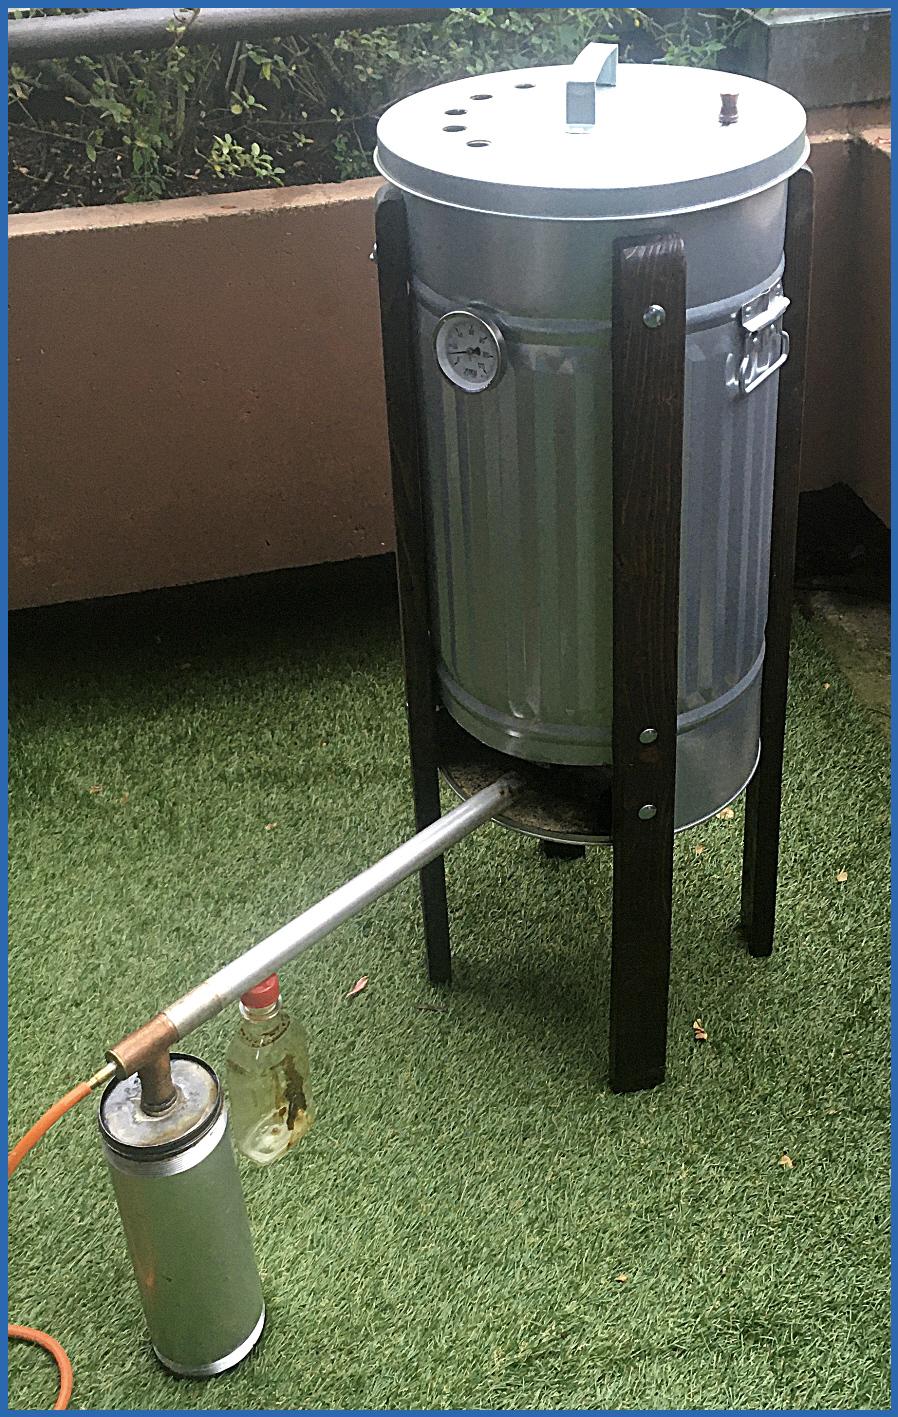 Rauchgenerator.jpg